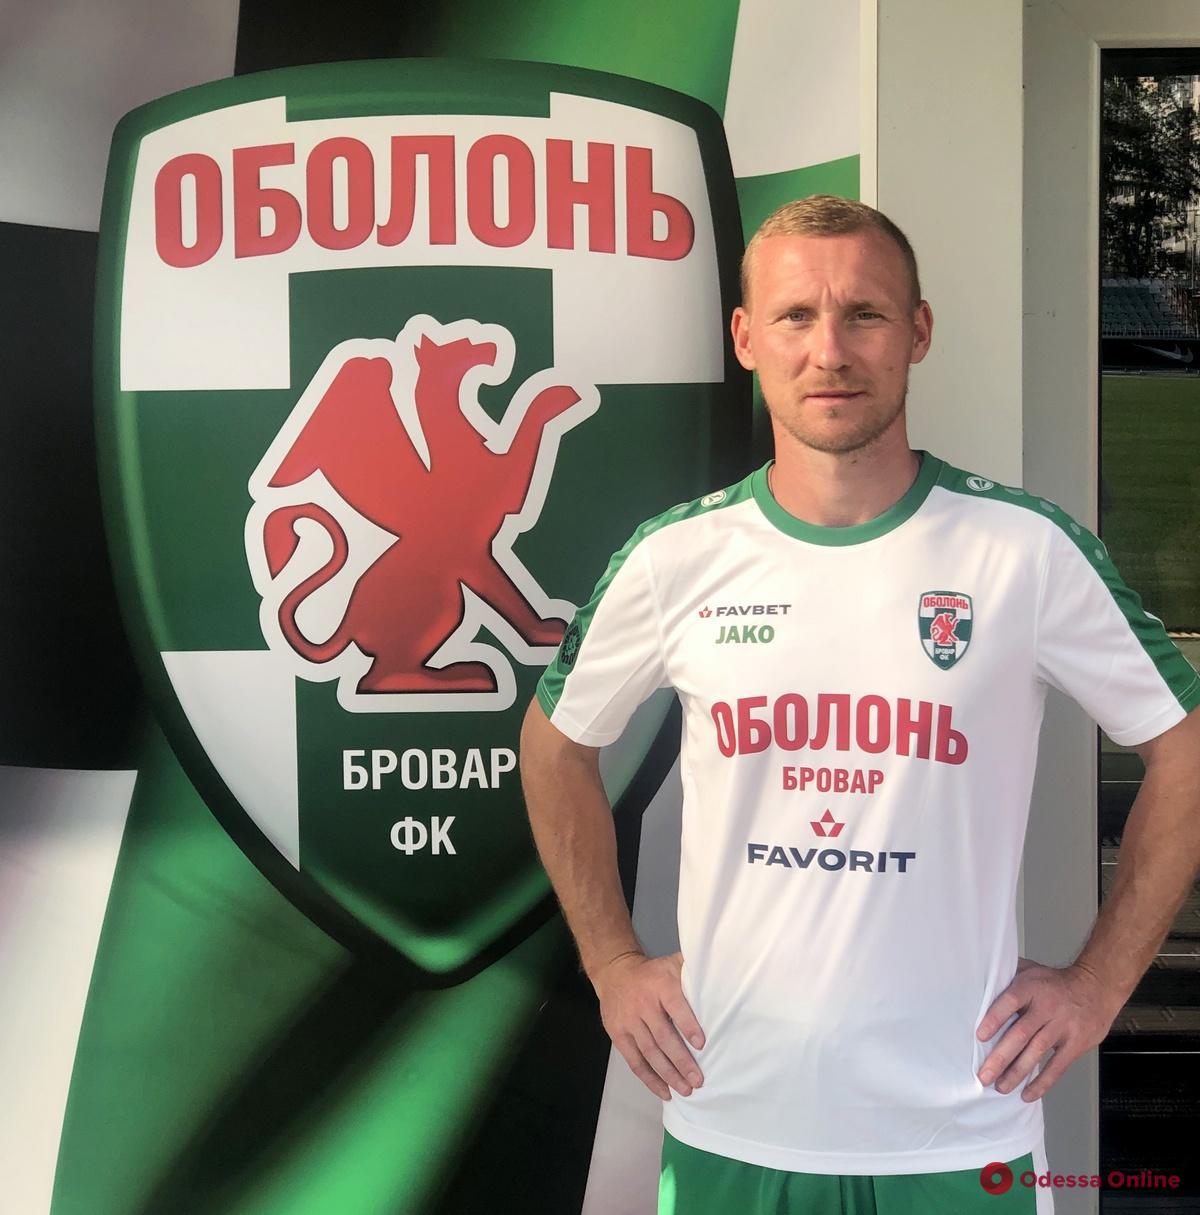 Контракт ко дню рождения: одесский футболист перебрался в Киев